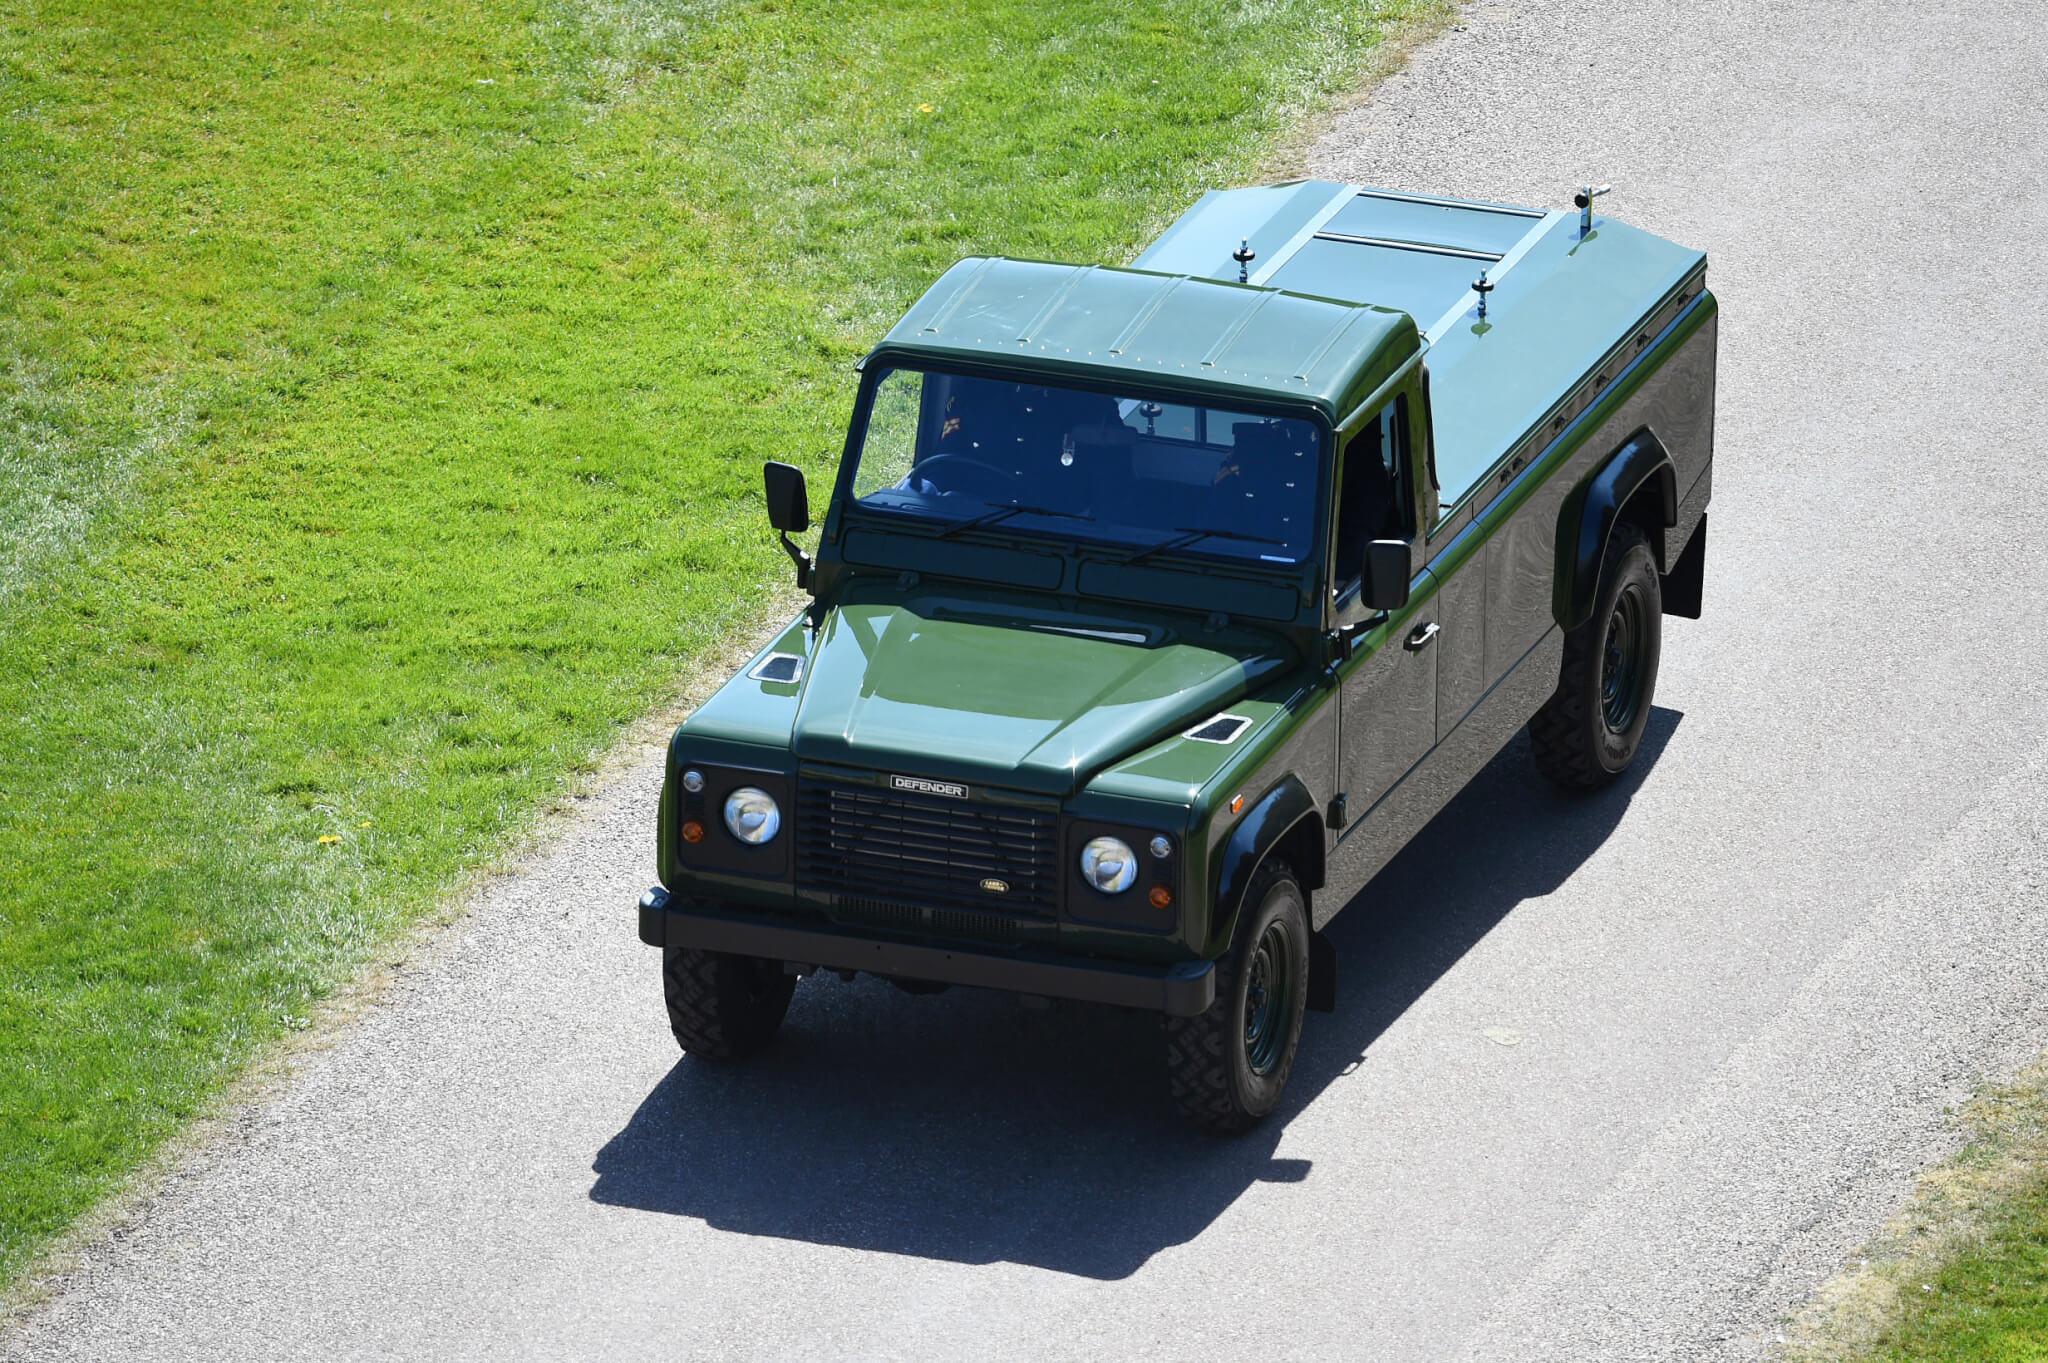 菲臘親王親自設計的越野路華(Land Rover)汽車